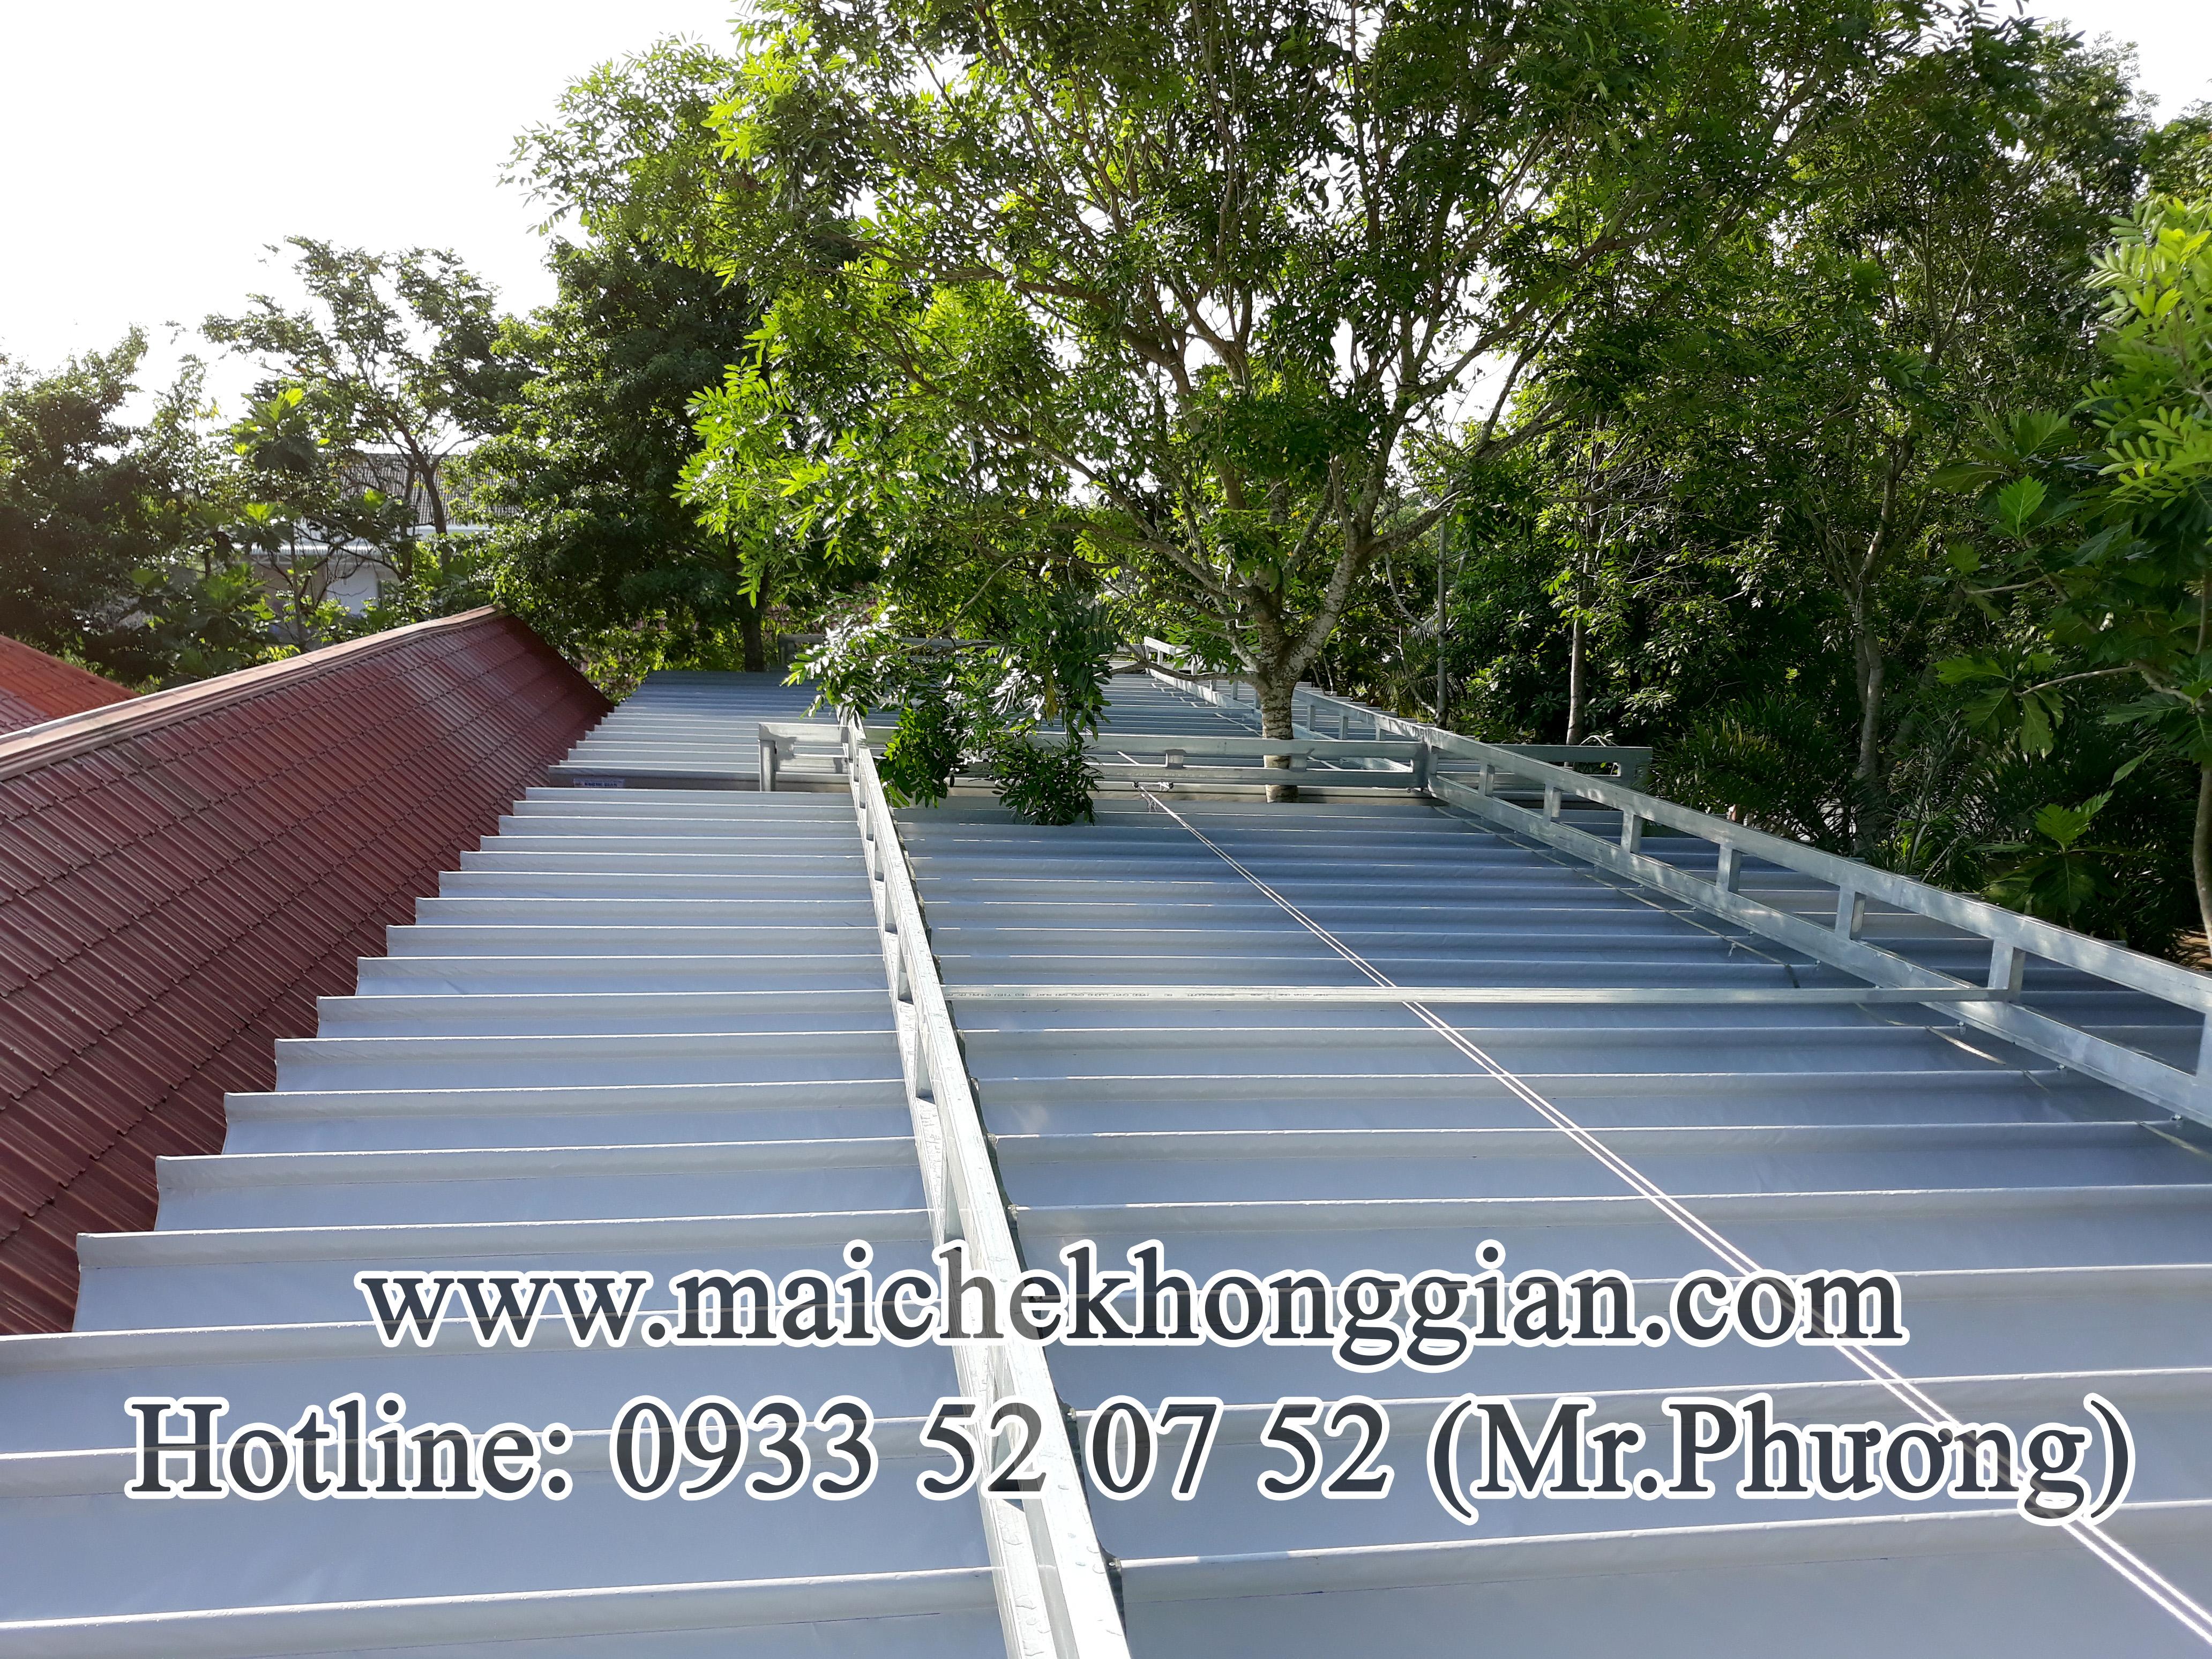 Mái xếp di động Tân Phước Tiền Giang